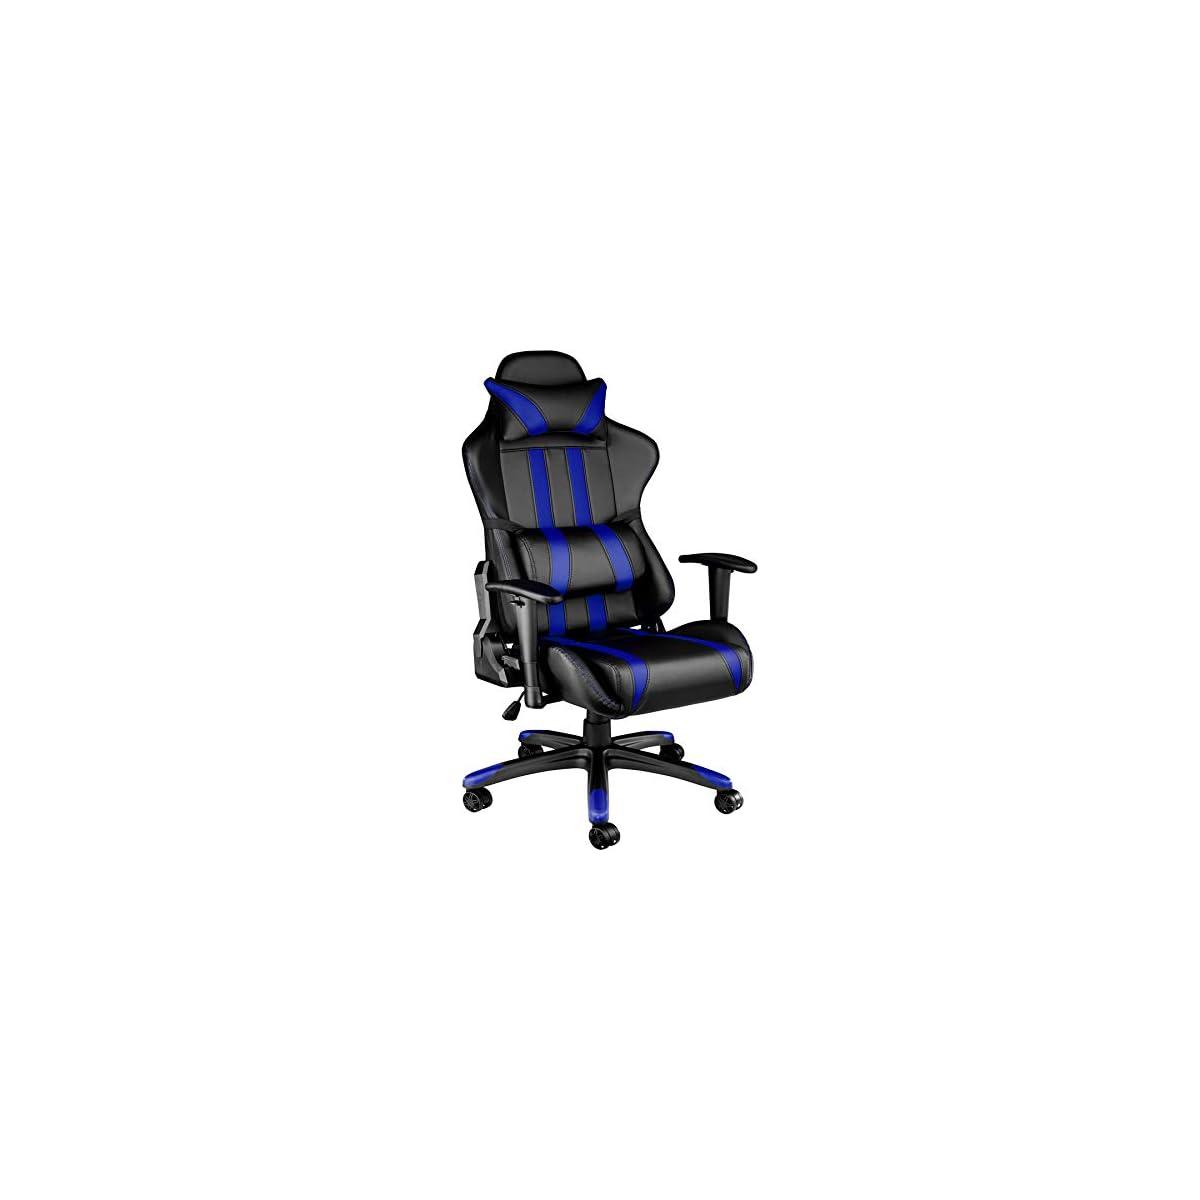 41eahxosNZL. SS1200  - TecTake Silla de oficina ergonomica racing gaming con soporte lumbar - disponible en diferentes colores -